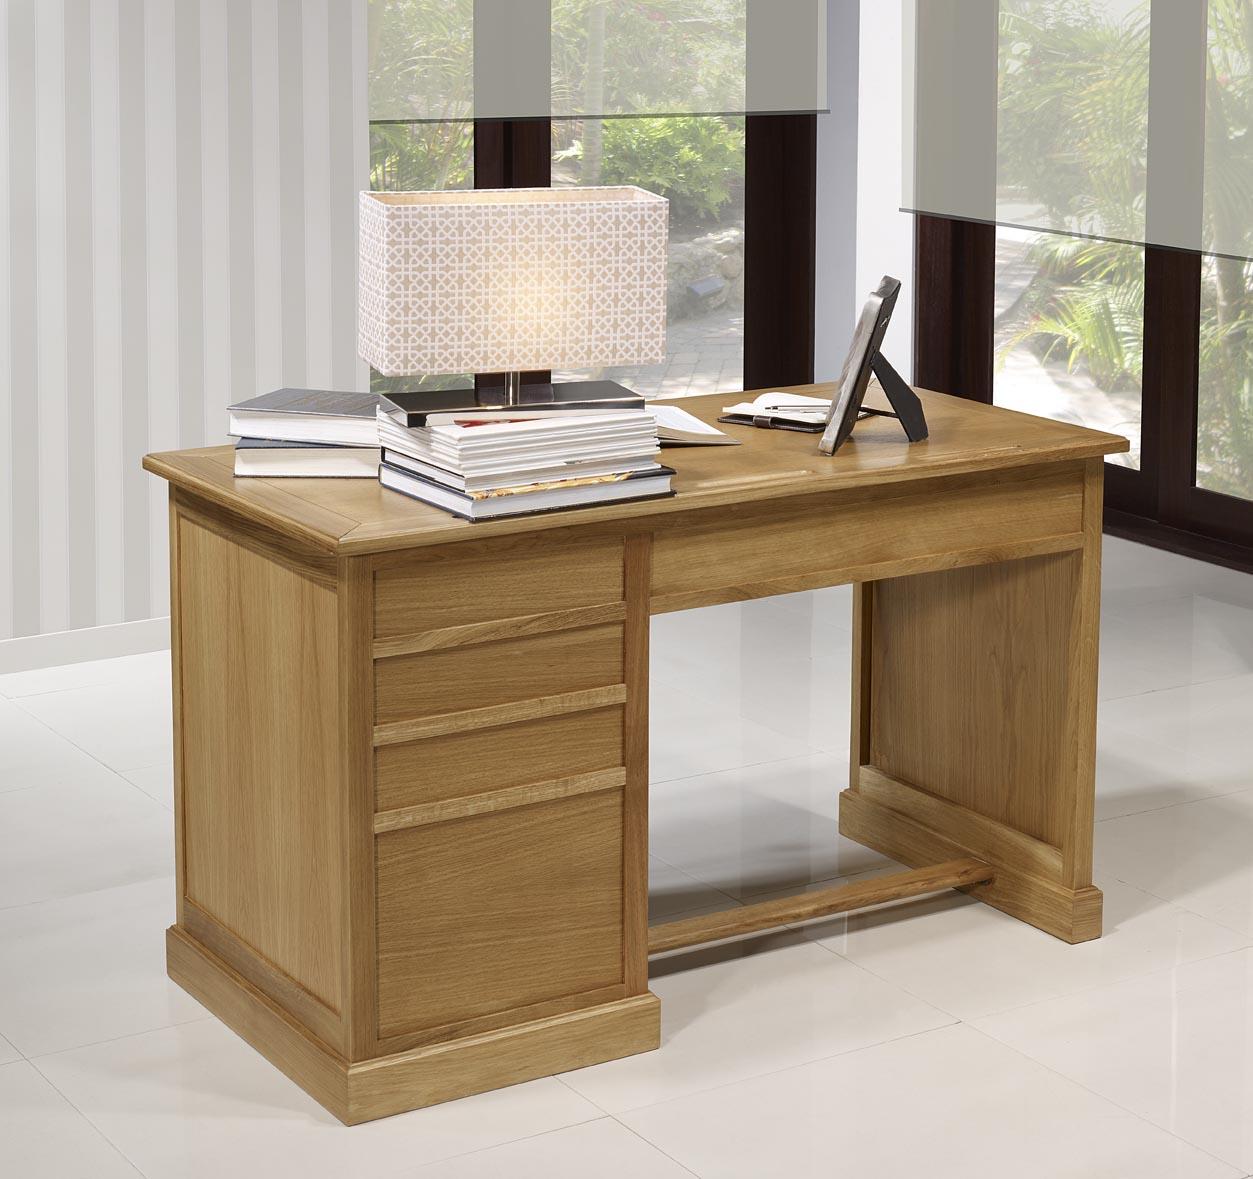 Mesa oficina escritorio con 5 cajones hecha de roble for Mesa escritorio con cajones